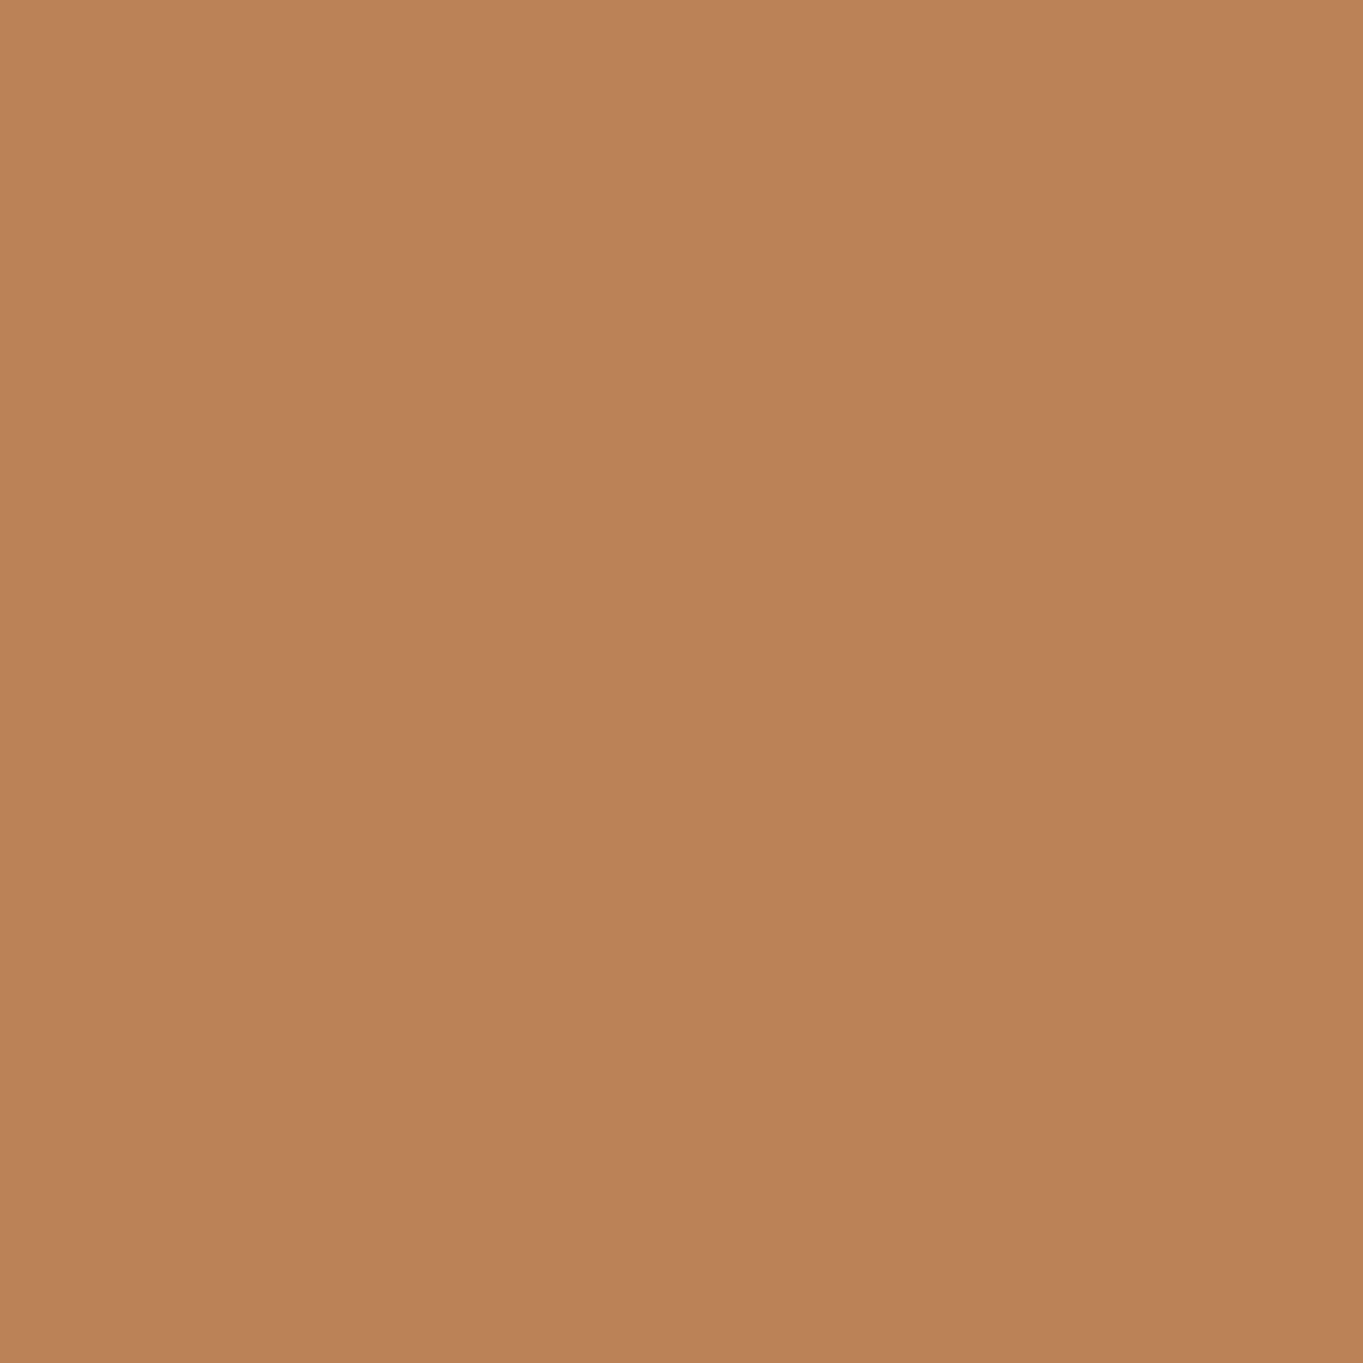 速いトリップジェットSANMIMORE(サンミモレ化粧品) UVパクト 54号ナチュラル (レフィル 替パフ付)